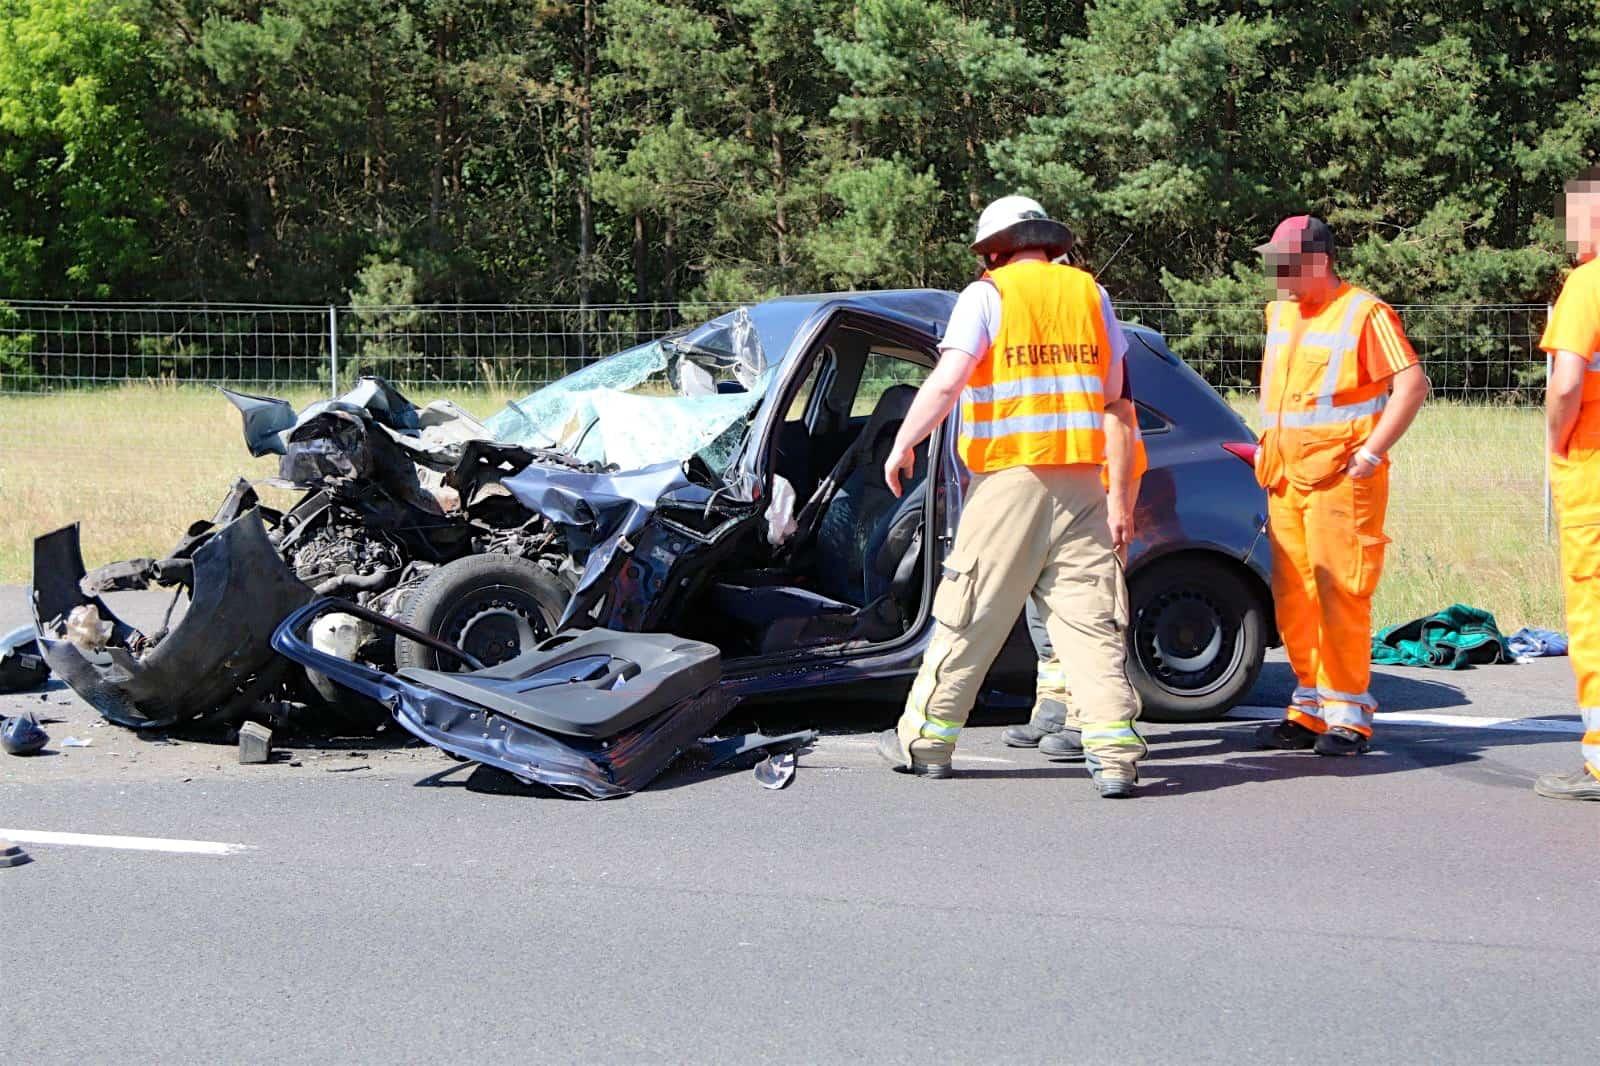 Schwerer Unfall Auf Der A10 Dreieck Barnim Dreieck Pankow